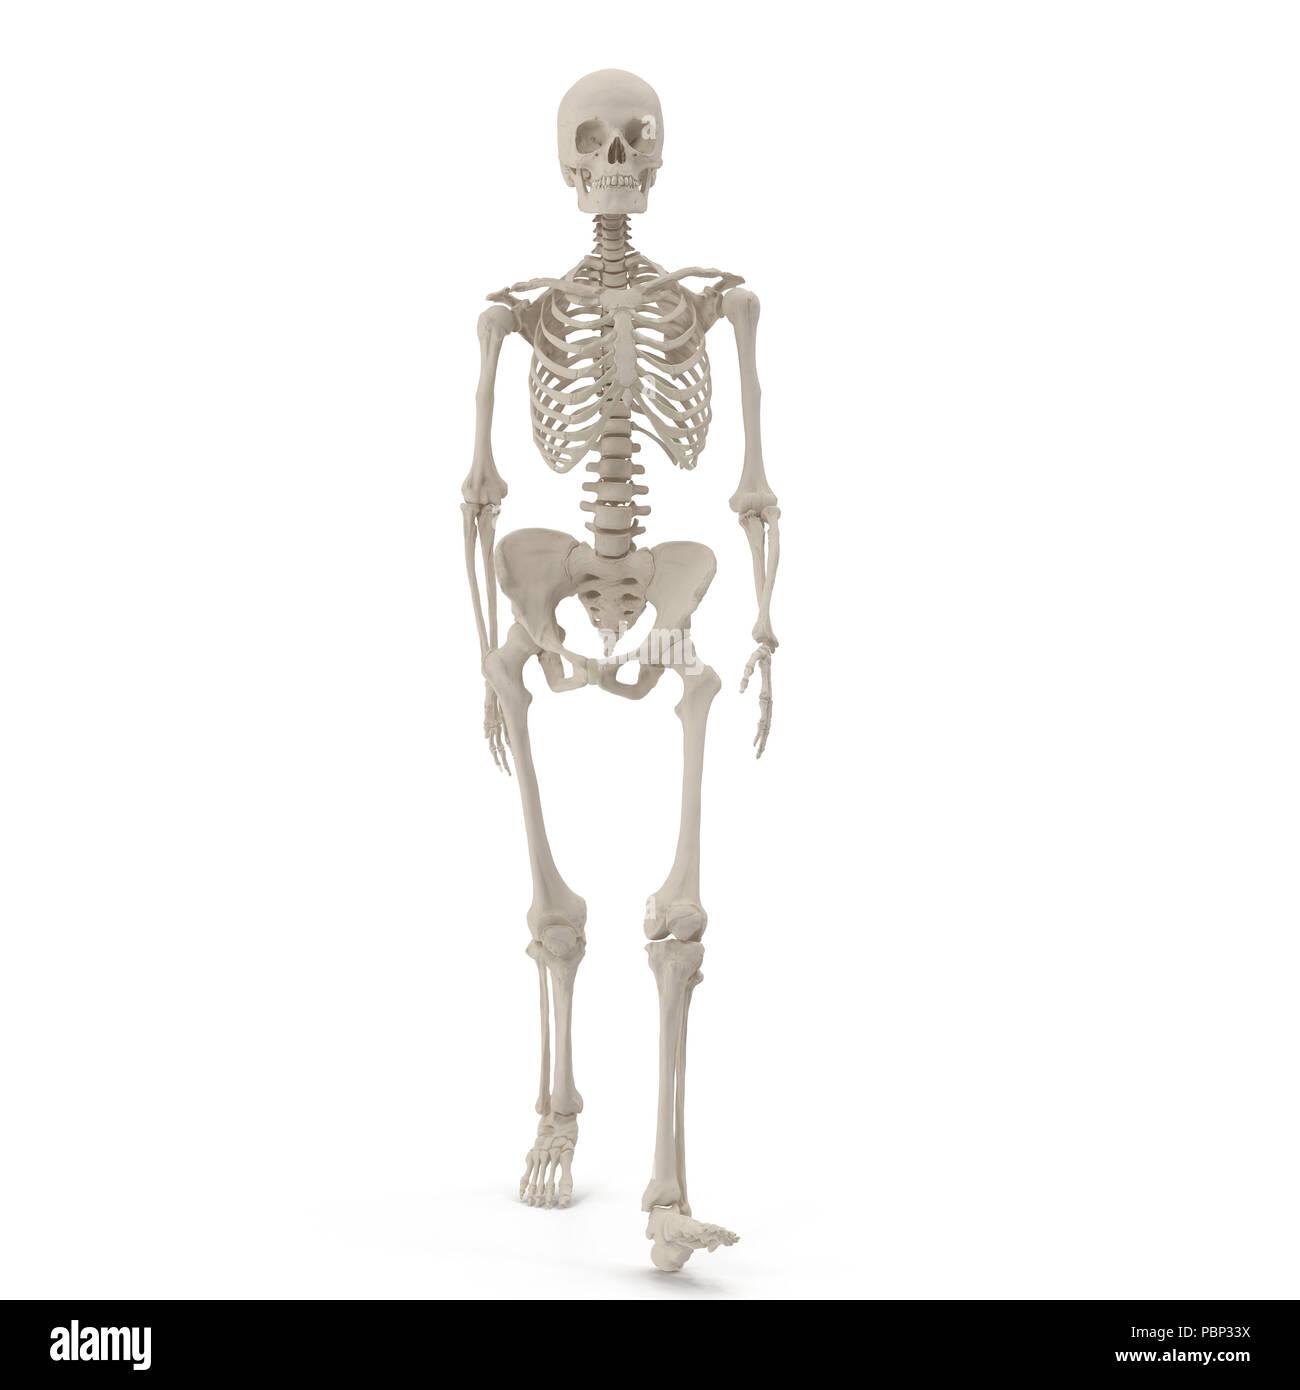 inside skull diagram carrier split system wiring walking stock photos human female skeleton pose on white 3d illustration image